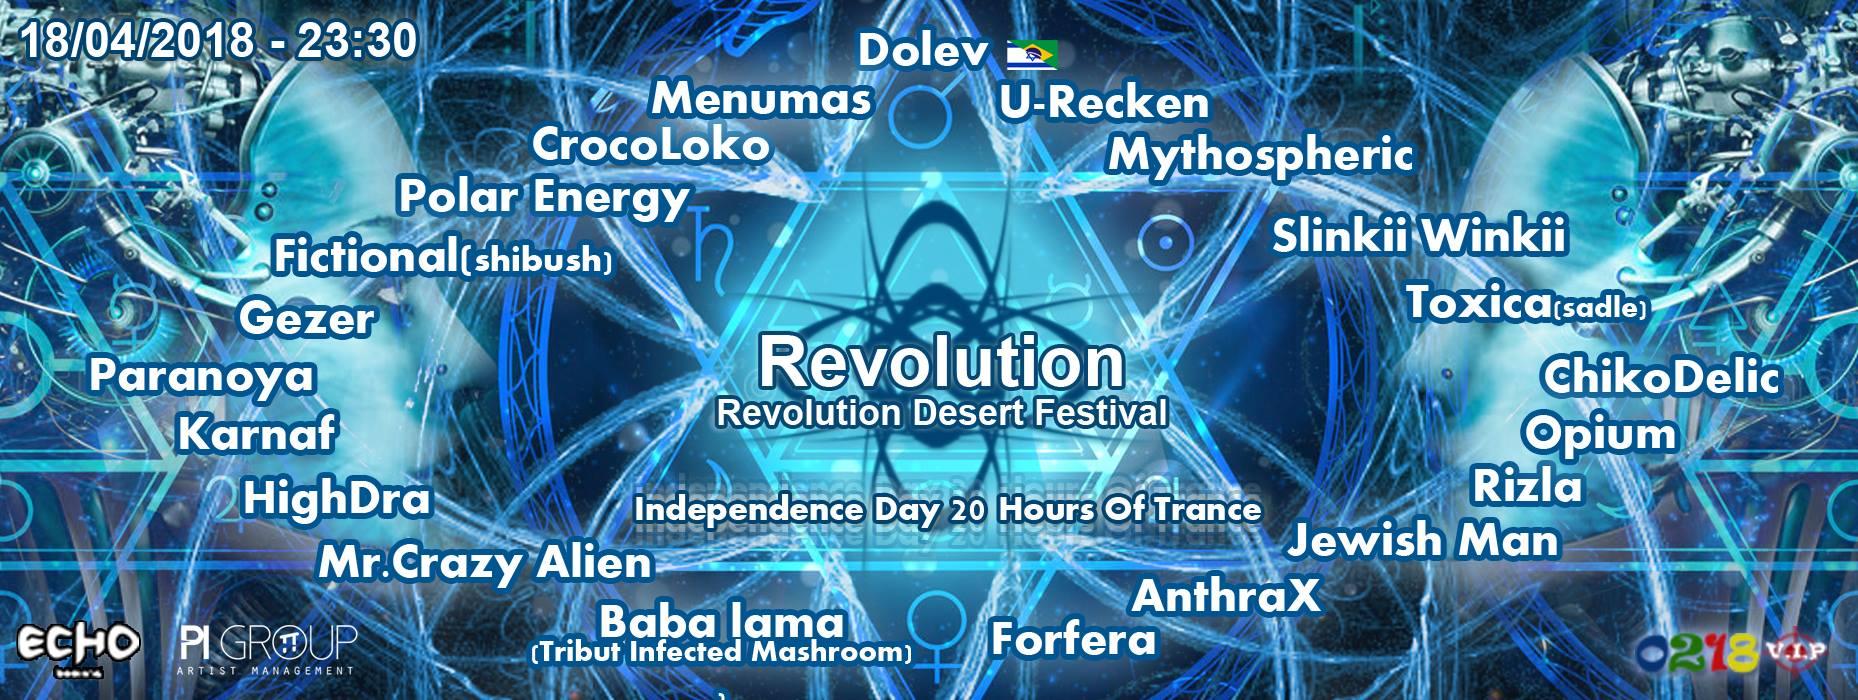 עצמאות - פסטיבל רבולושיין במדבר - 18.04.18